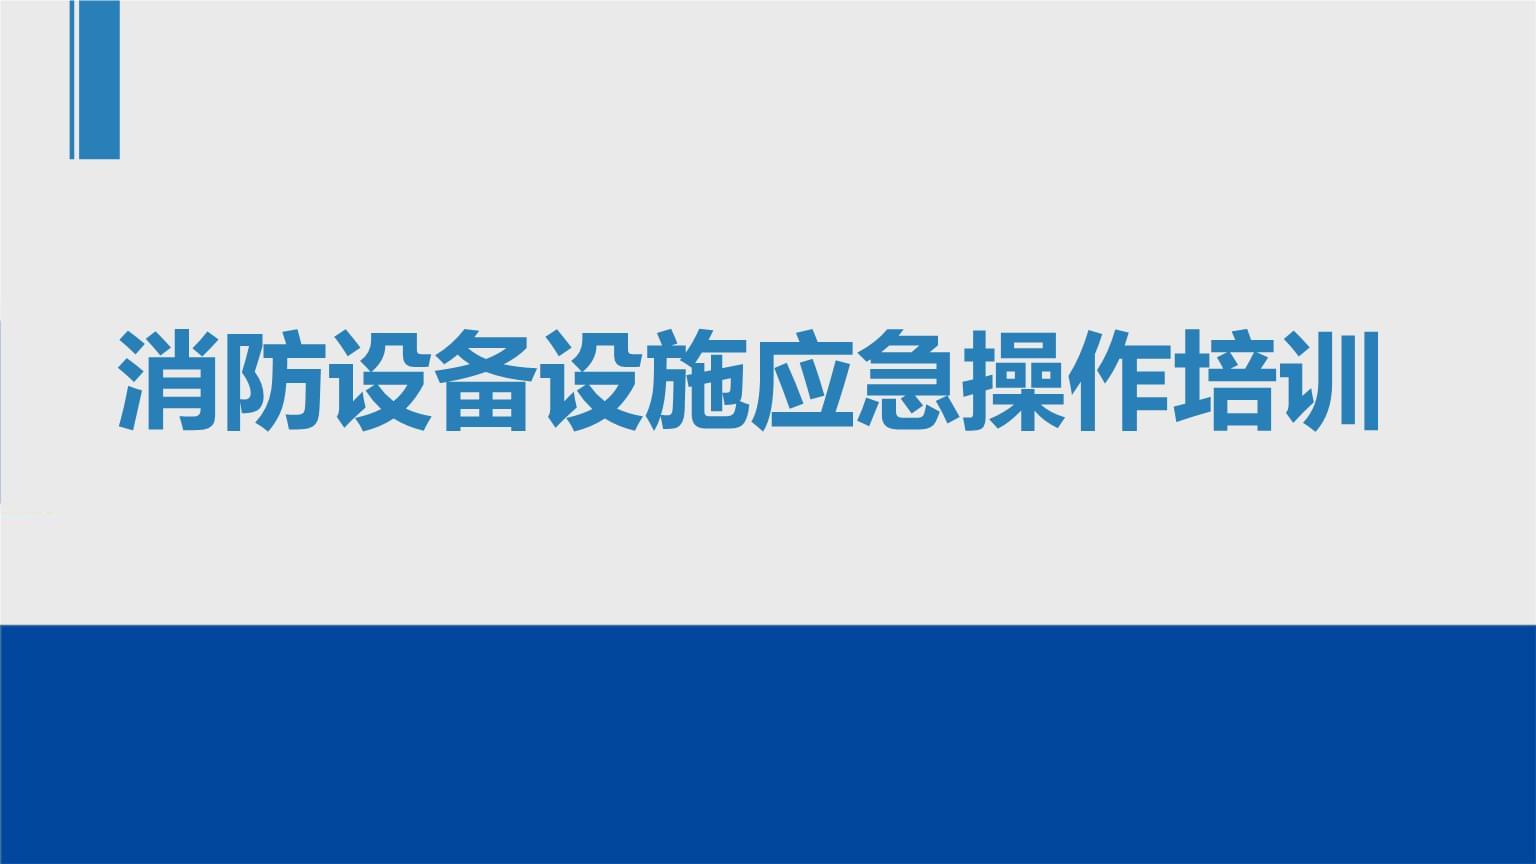 消防设备设施操作讲解培训课件最新.pptx